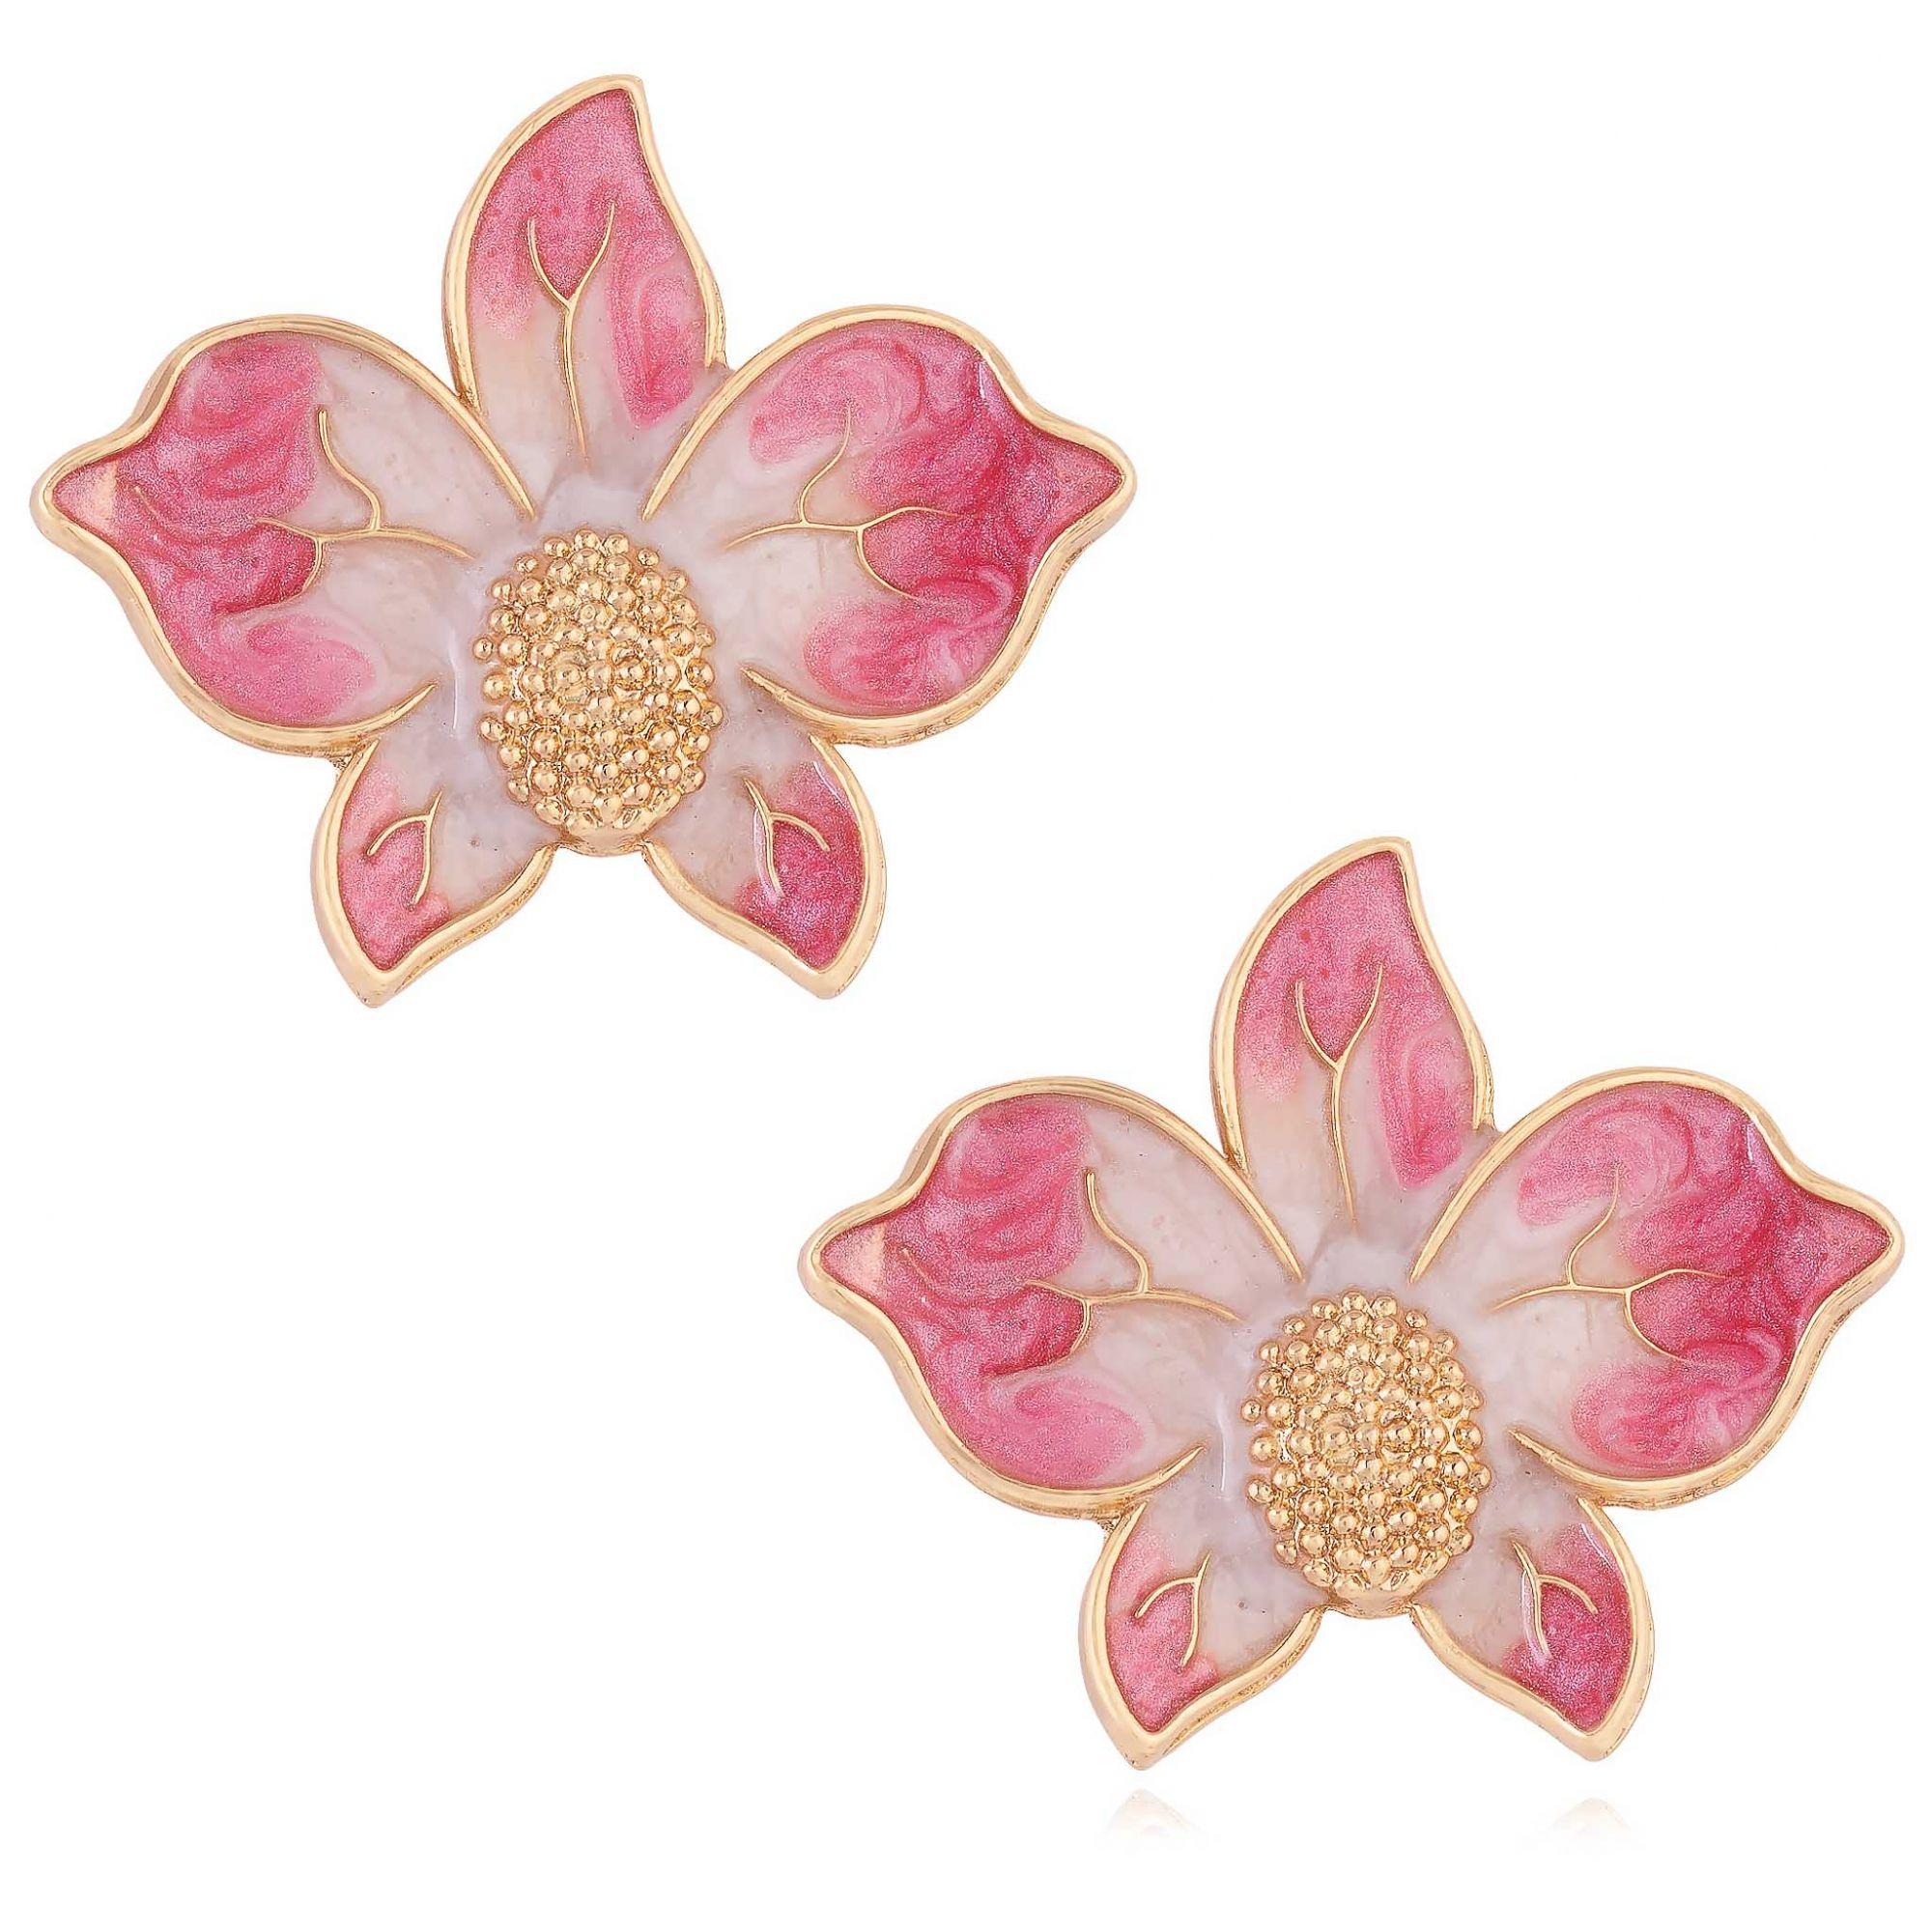 Brinco de orquídea banhado a ouro 18k resinado em rose.  - bfdecor.com.br